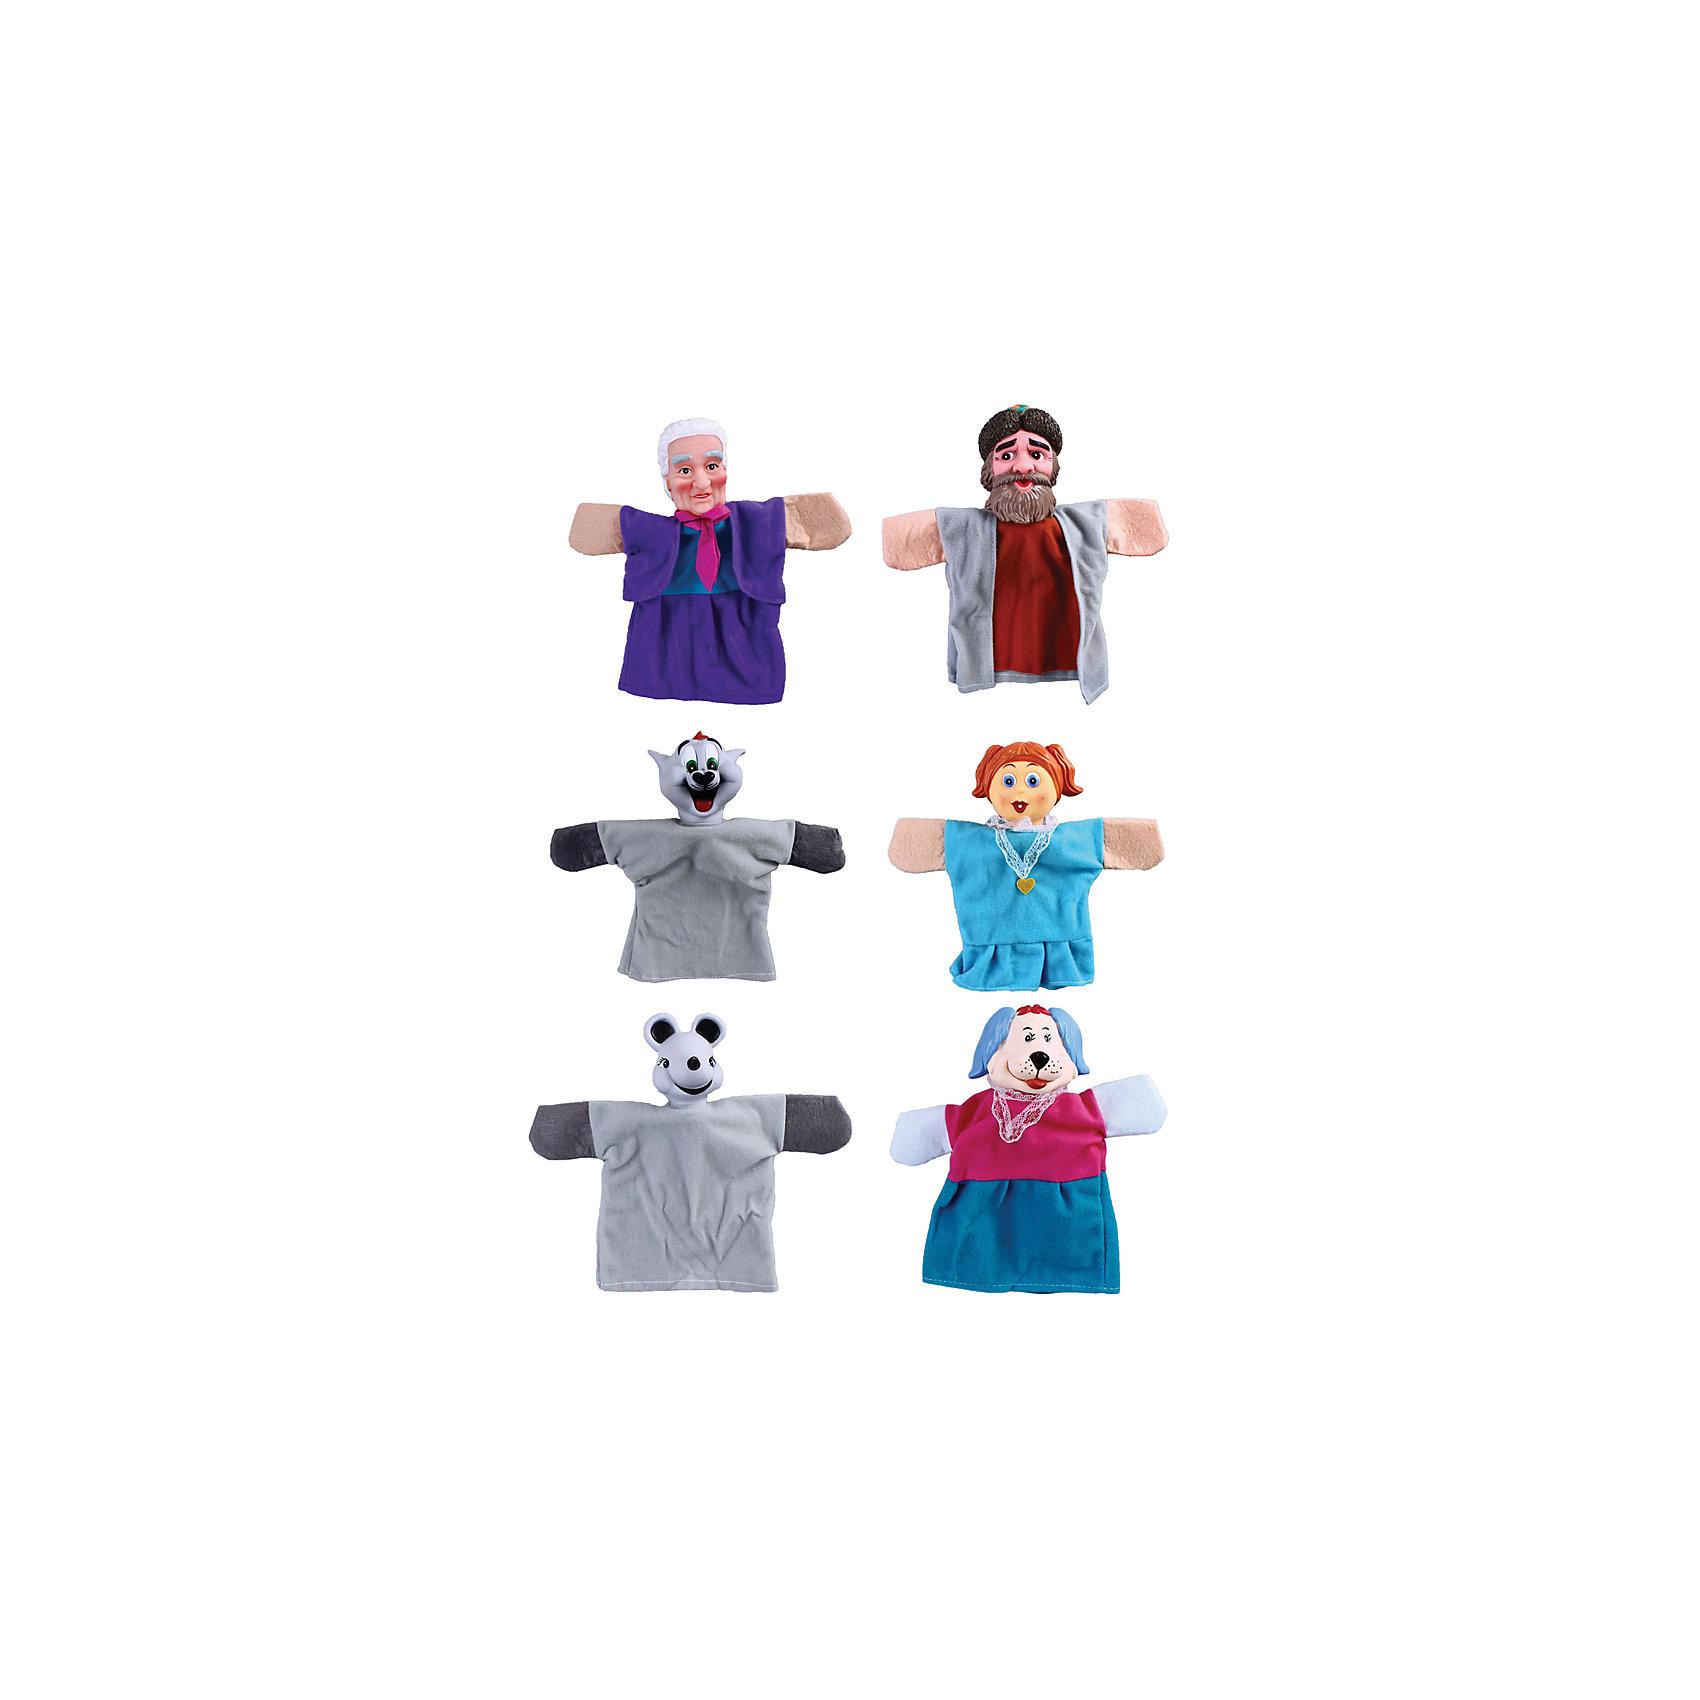 Кукольный театр Репка, 6 кукол, ЖирафикиМягкие игрушки на руку<br>Кукольный театр – настоящее искусство! Погрузите малыша в детский мир драмы с помощью уникальных игрушек – кукол! Играйте с ребенком вместе, показывайте ему свое представление или устройте настоящий домашний спектакль перед родными. Игра такого плана развивает у малыша актерские способности, любовь к выступлениям на публике, а так же улучшает творческие способности и развивает фантазию и воображение. Материалы, использованные при изготовлении товара, абсолютно безопасны и отвечают всем международным требованиям по качеству.<br><br>Дополнительные характеристики:<br><br>материал: пластик, ПВХ;<br>цвет: разноцветный;<br>количество: 6 кукол.<br><br>Кукольный театр Репка от компании Жирафики можно приобрести в нашем магазине.<br><br>Ширина мм: 587<br>Глубина мм: 473<br>Высота мм: 419<br>Вес г: 500<br>Возраст от месяцев: 36<br>Возраст до месяцев: 96<br>Пол: Унисекс<br>Возраст: Детский<br>SKU: 5032547